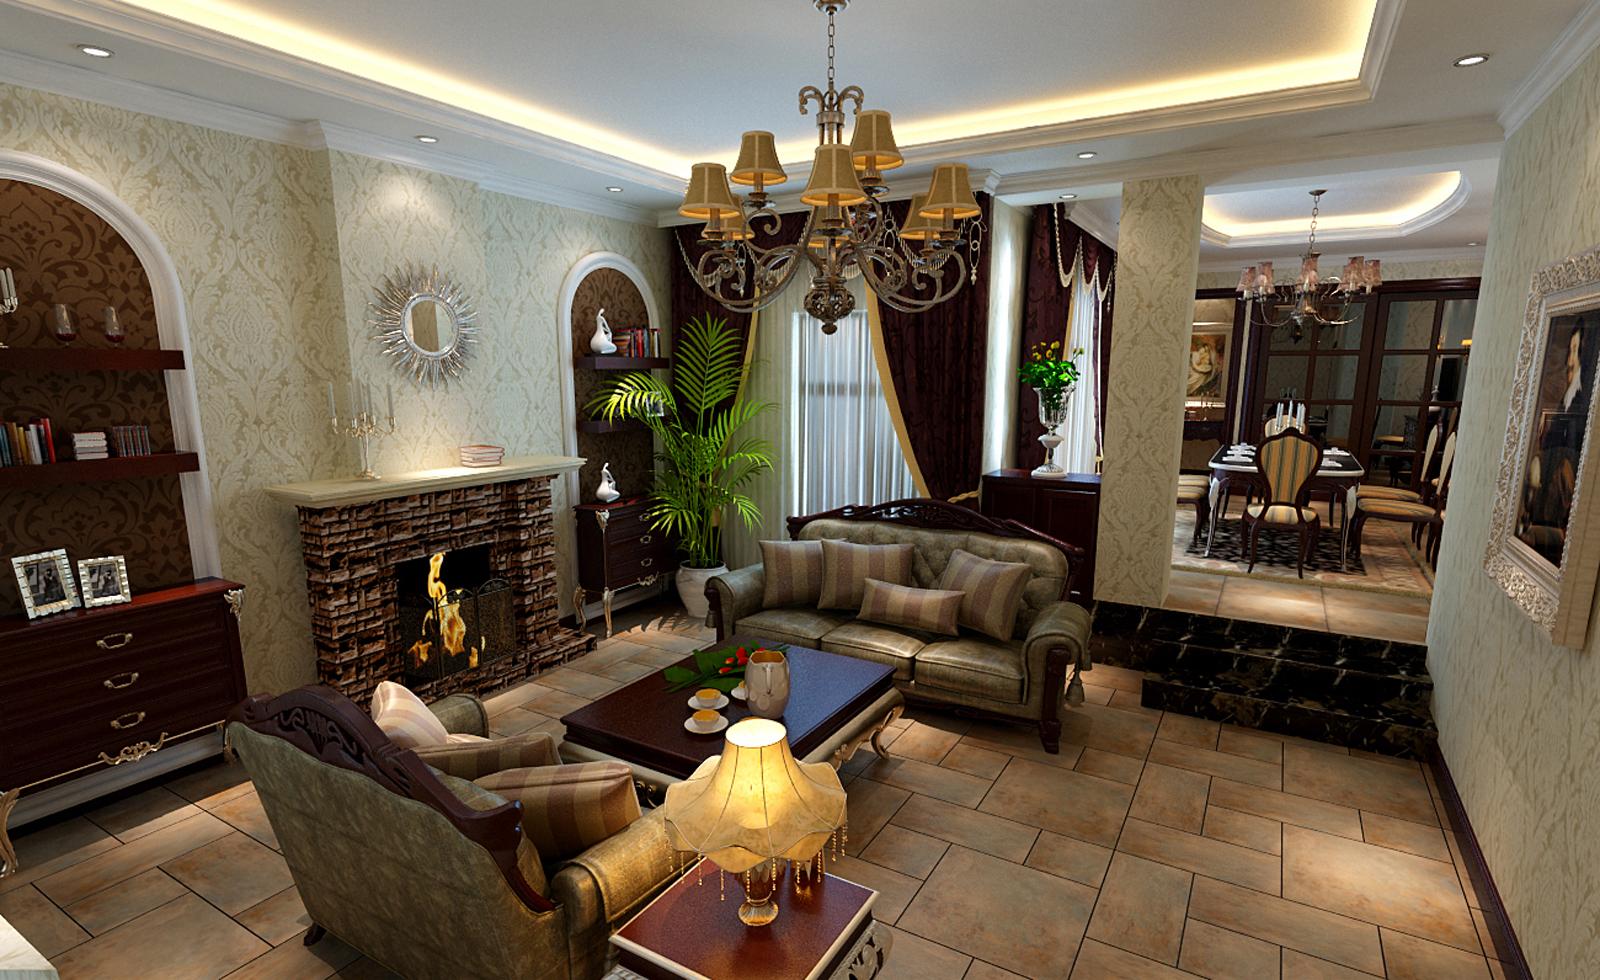 美式风格 别墅装修 精美别墅 美式 欧美风 80后 企业家 旧房改造 实创装饰 客厅图片来自北京实创装饰在250㎡美式别墅装修实际案例的分享